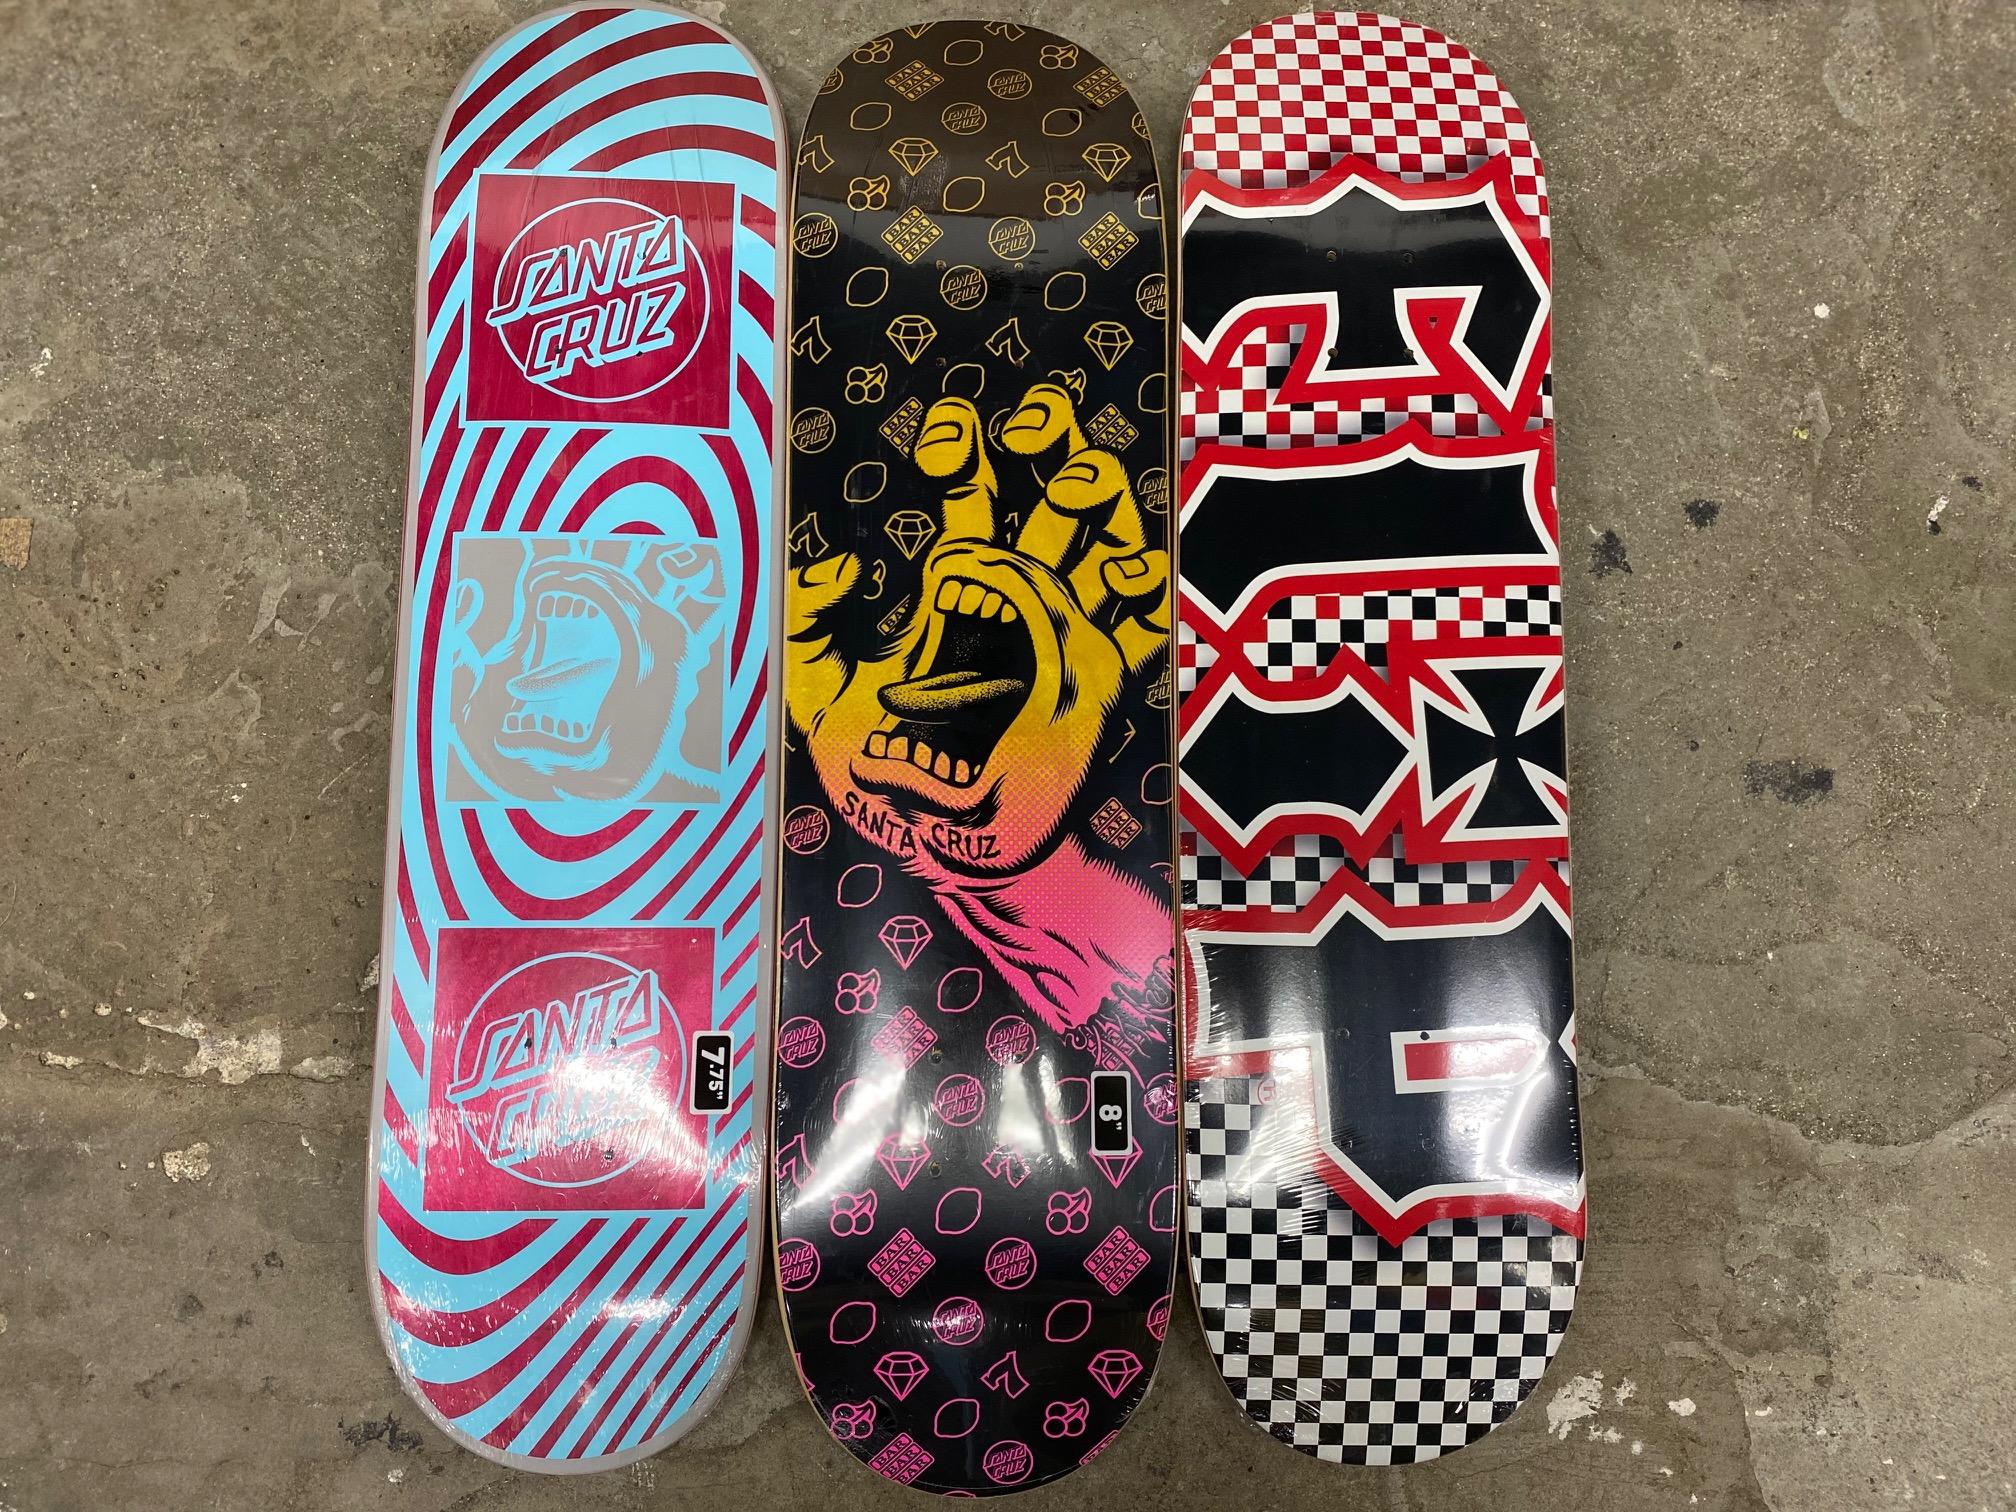 スケートアイテム SANTACRUZ、FLIP、INDY、BONESブッシュ入荷しました!!